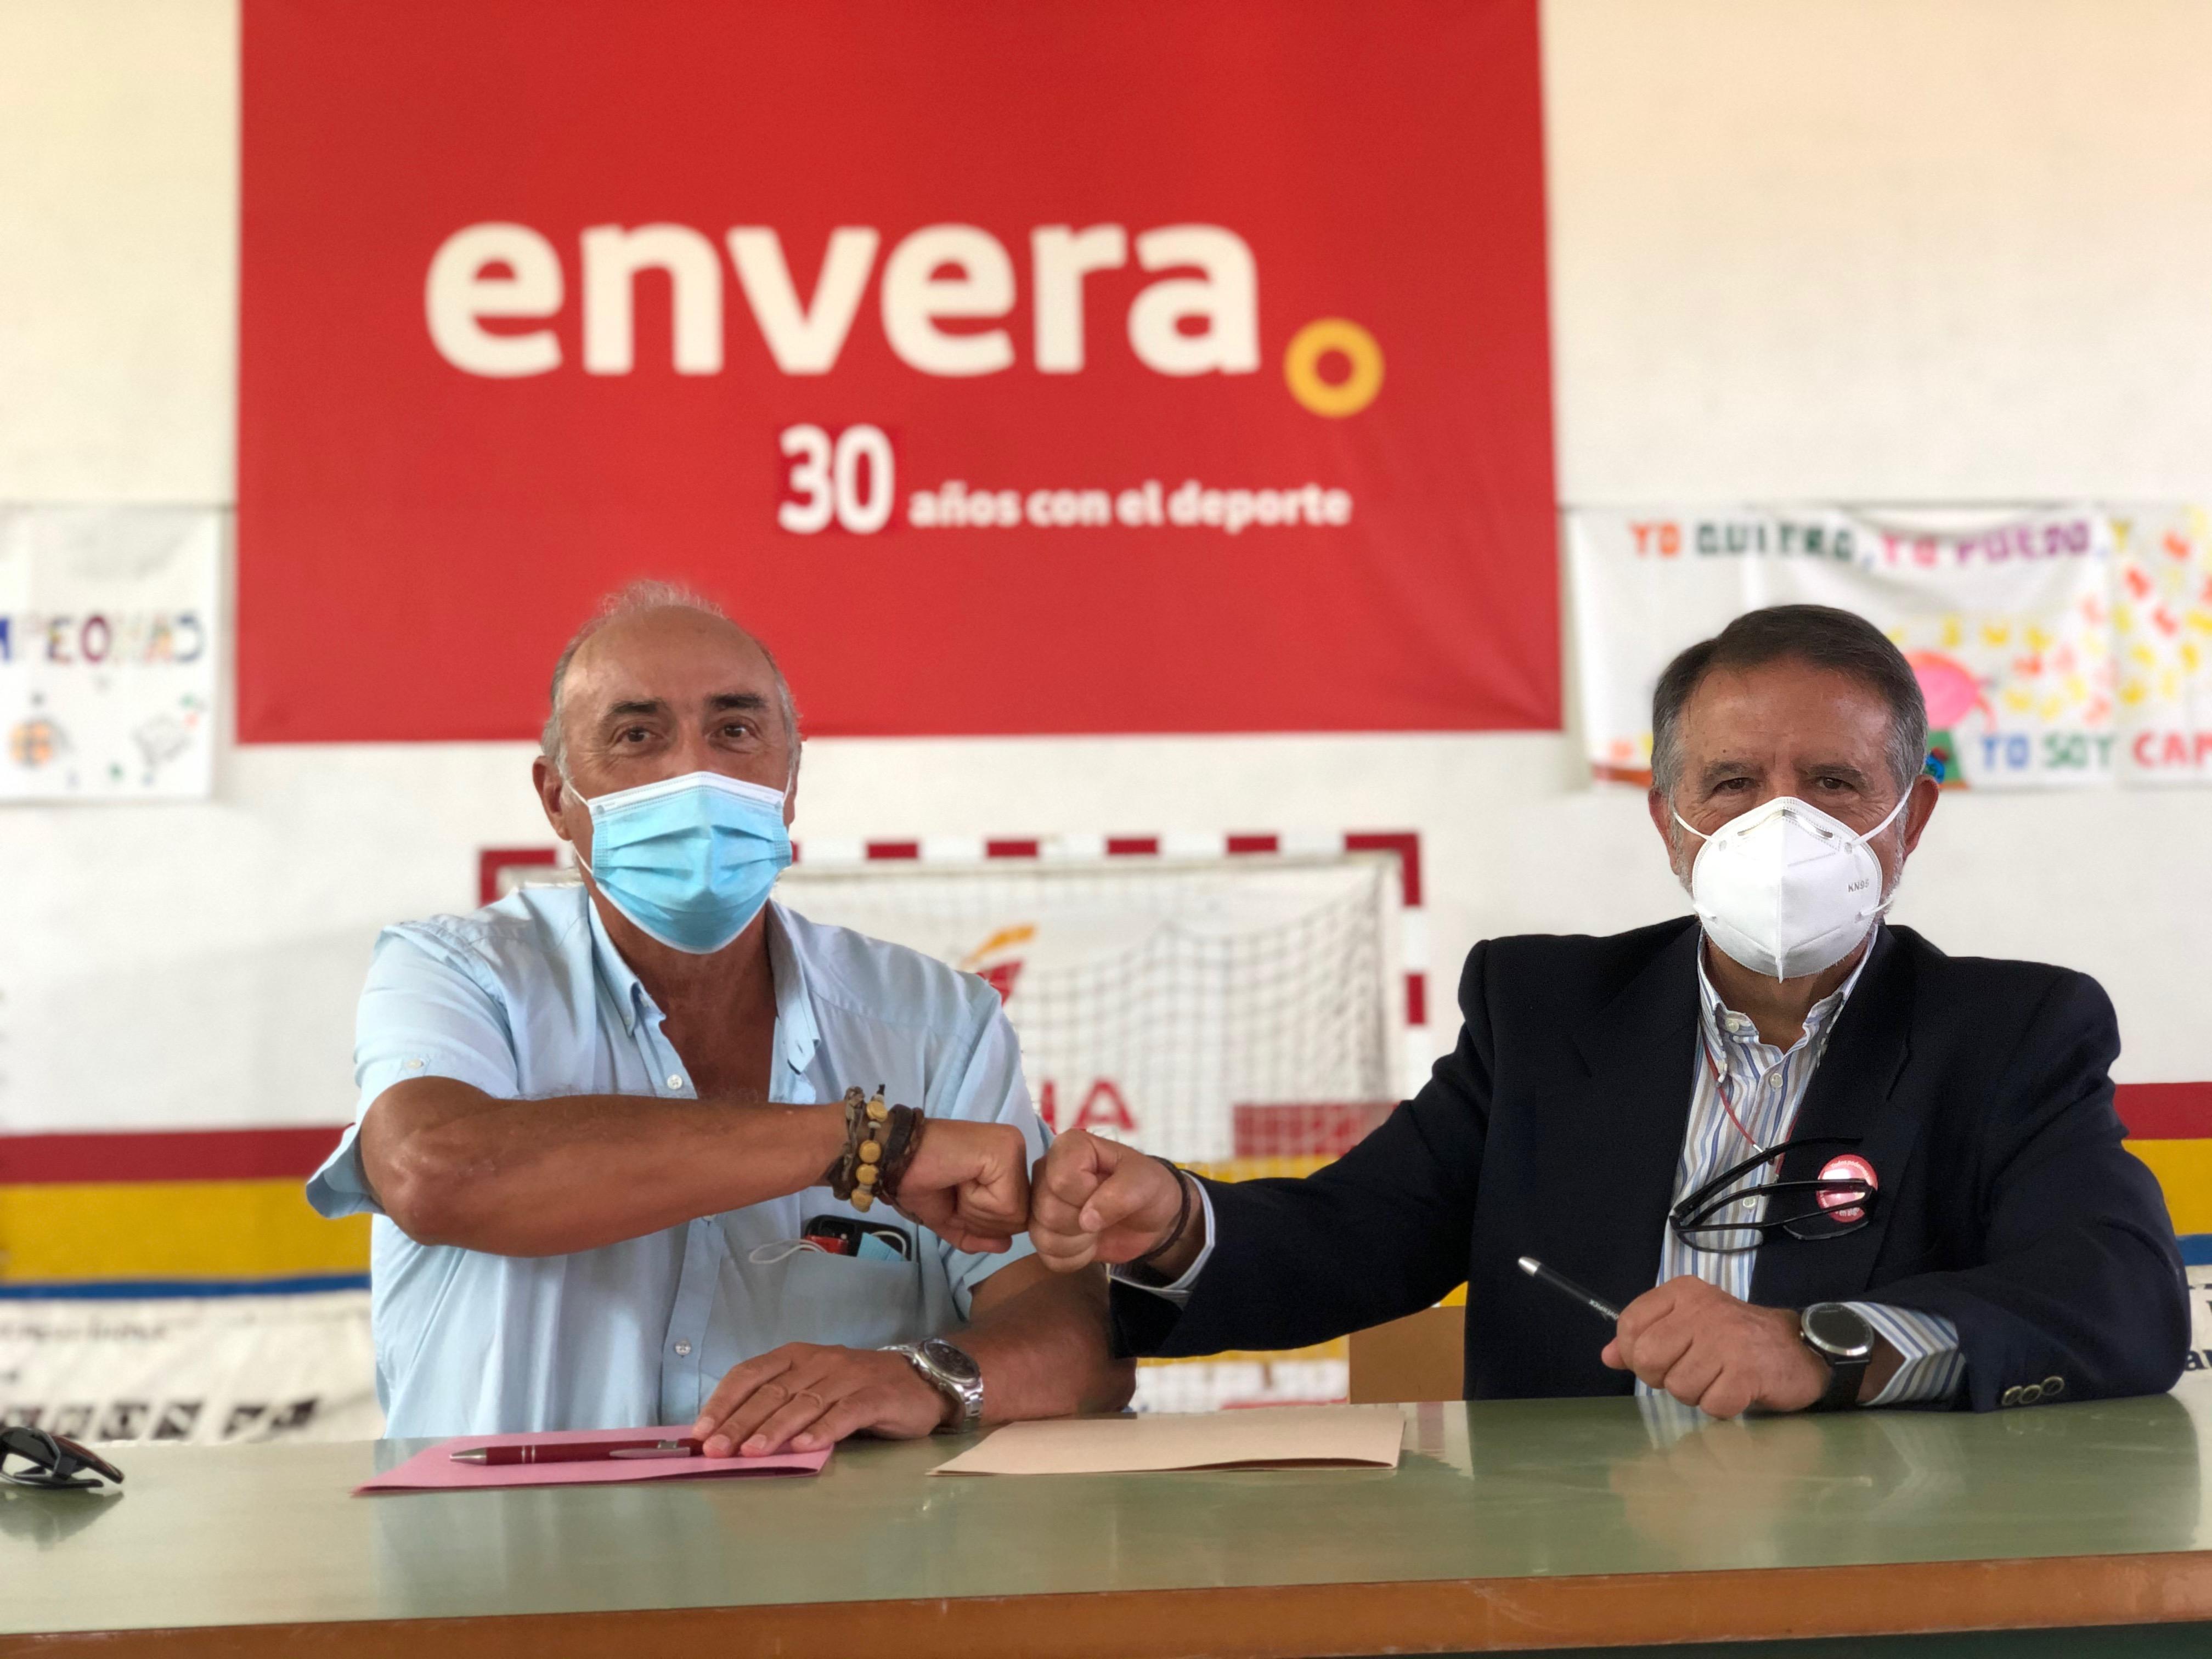 Envera y el Club Pegaso Balompié Tres Cantos jugarán juntos por la inclusión y el fomento de los valores humanos